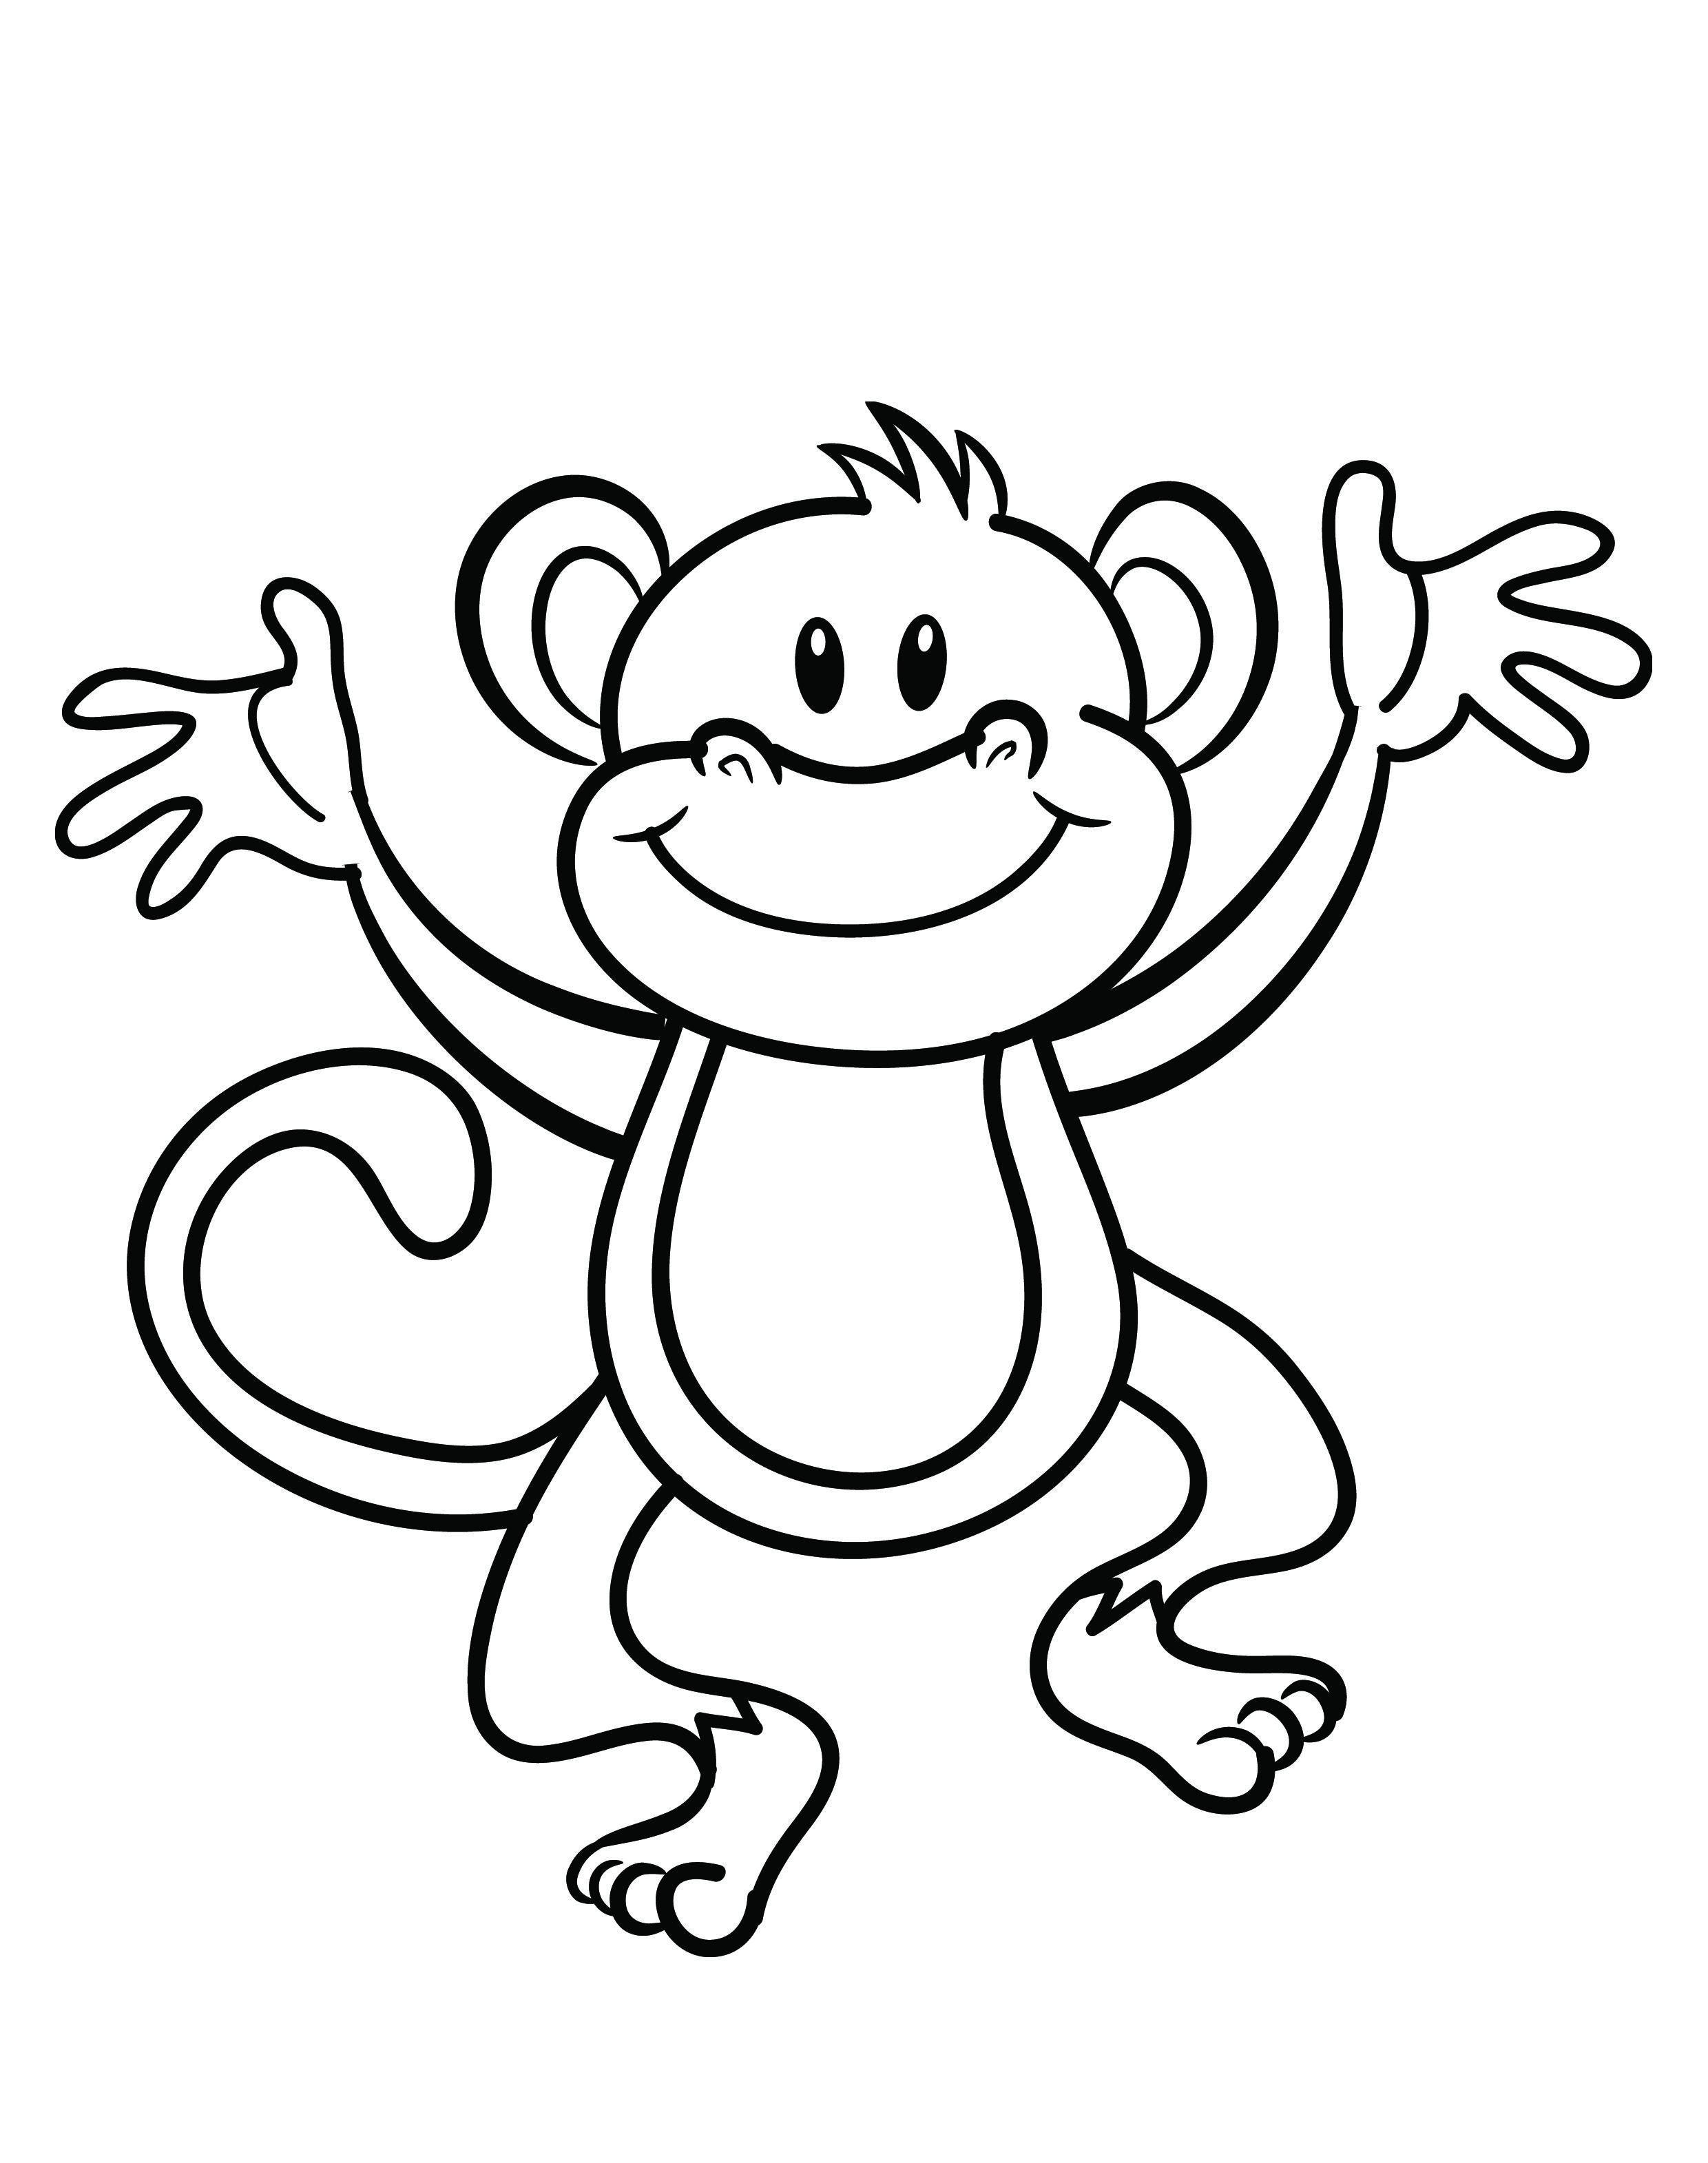 Free Printable Monkey Coloring Page | Cj 1St Birthday | Monkey - Free Printable Monkey Coloring Sheets